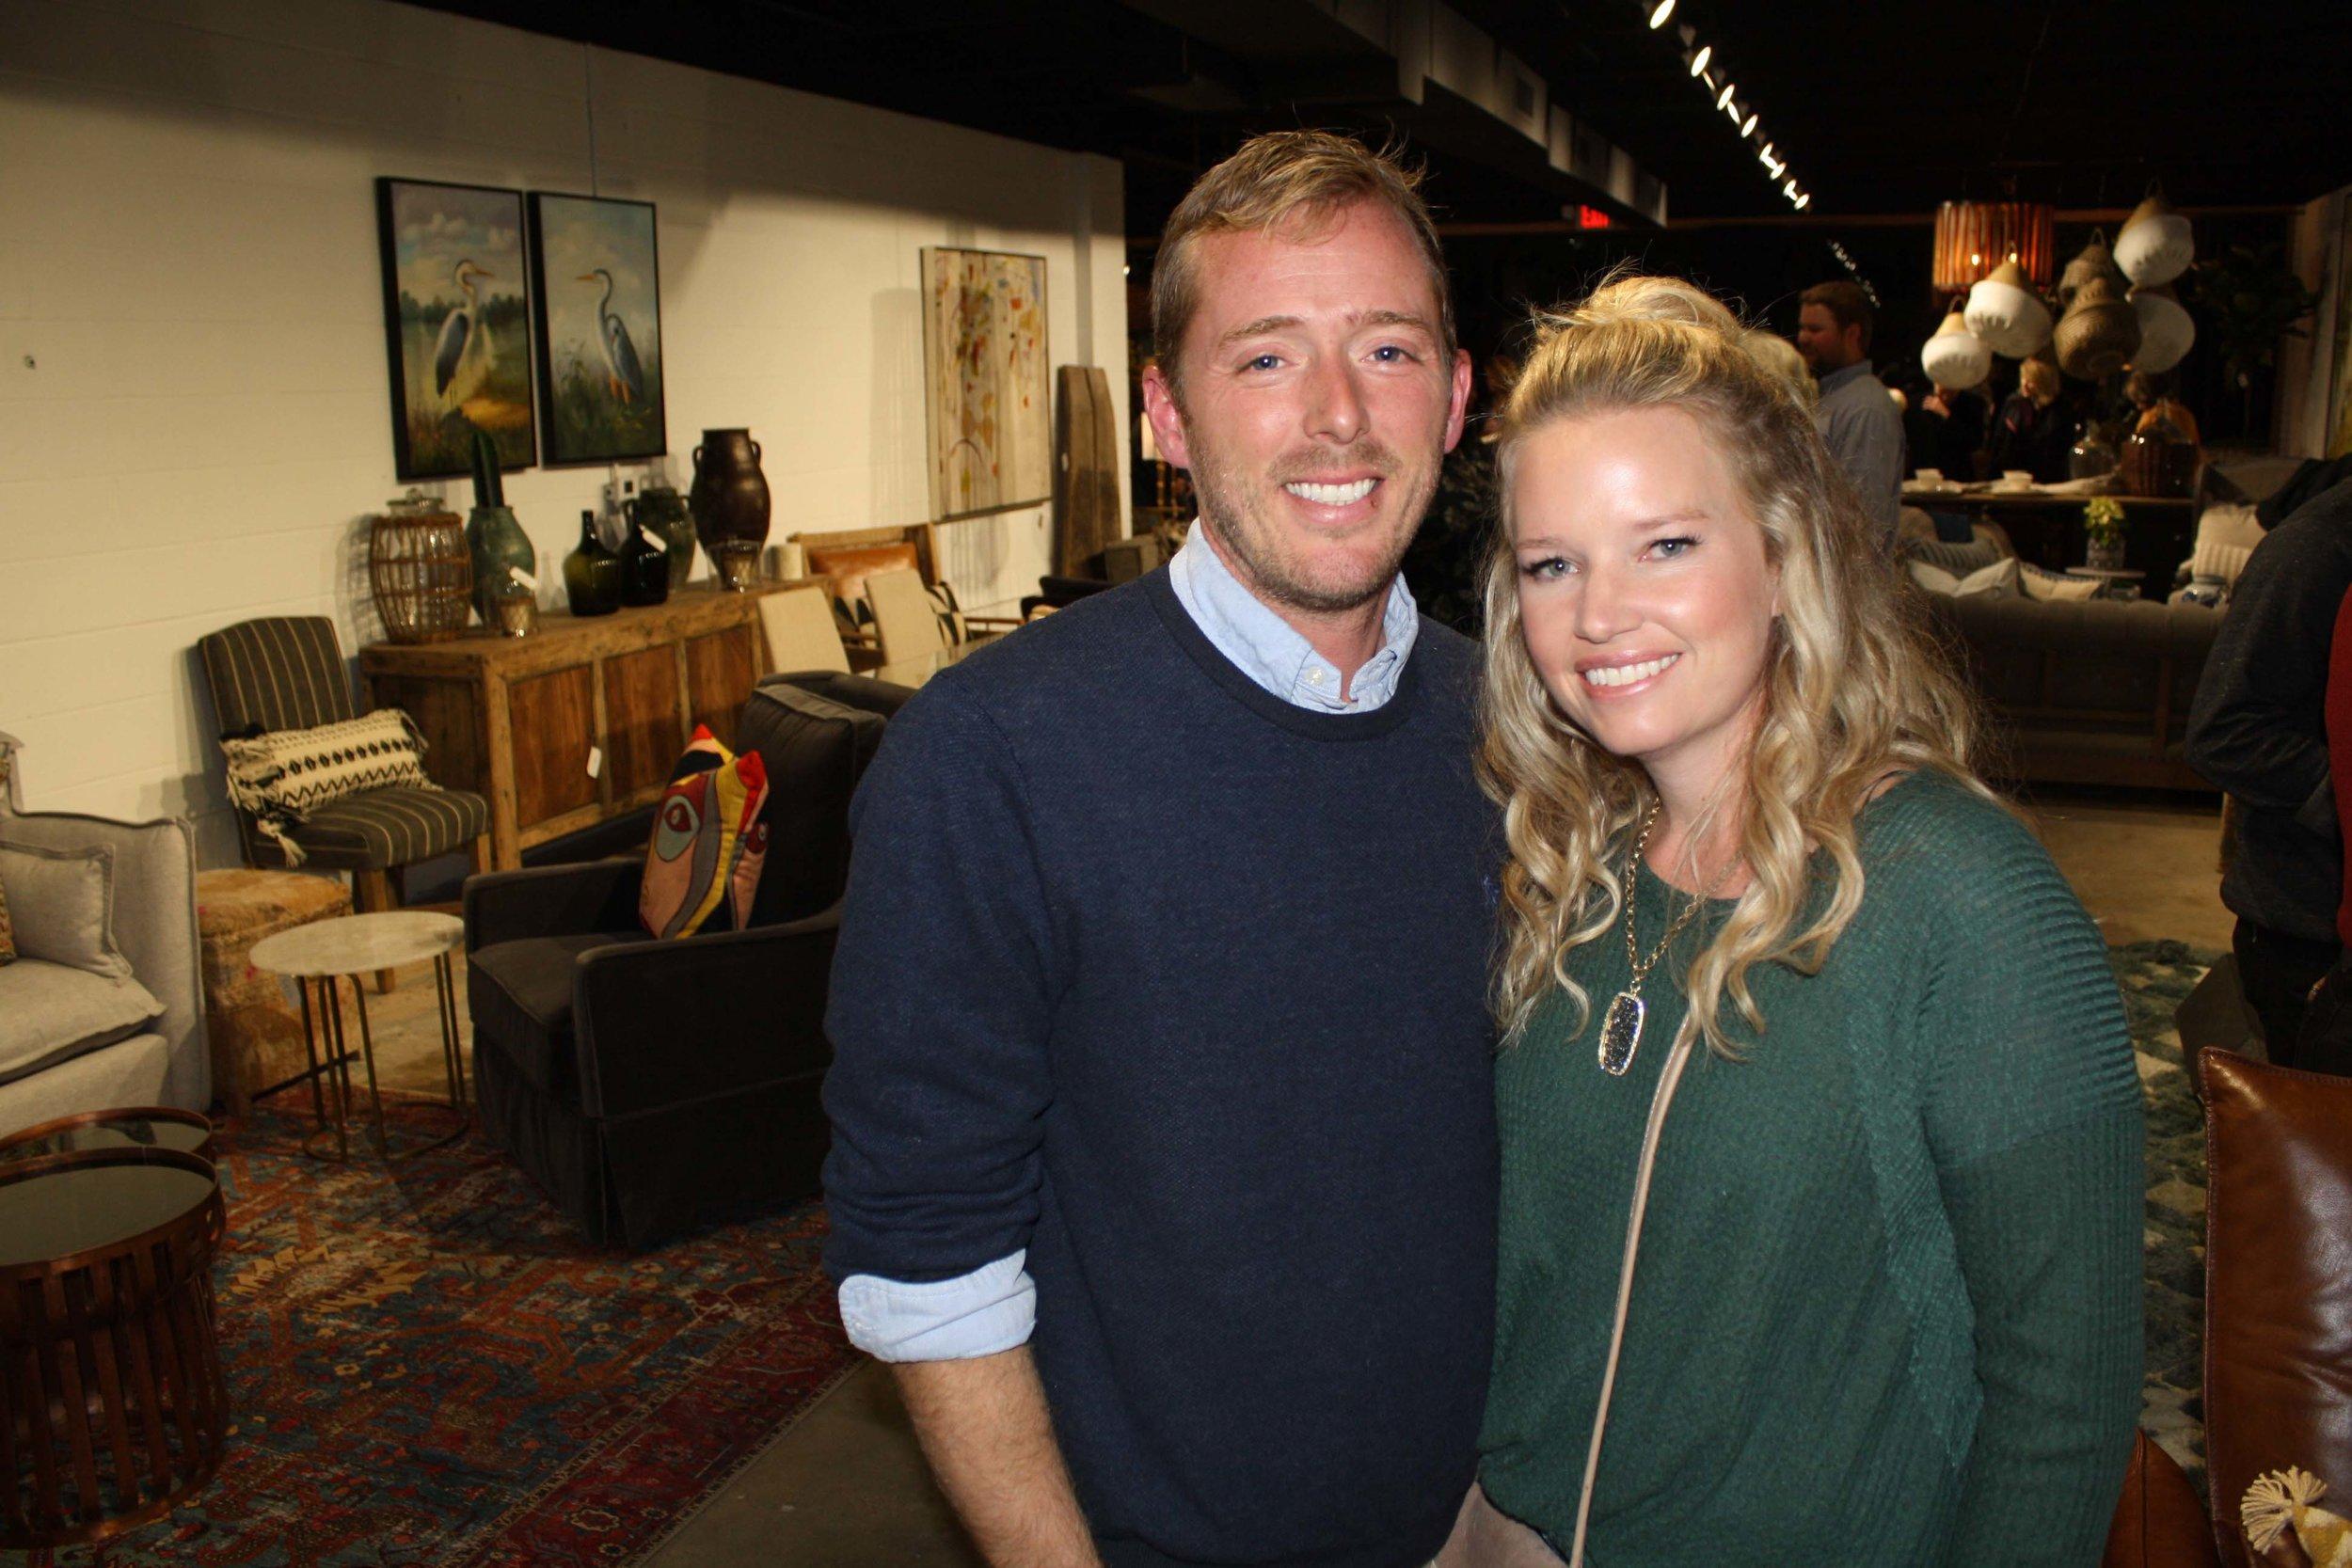 Bryan Callaway and Jill Flanagan